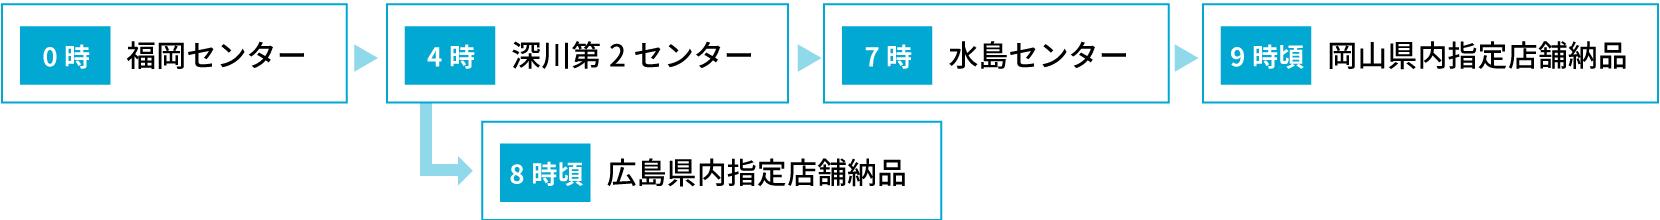 福岡県から広島県内・岡山県内の外食チェーン系指定店舗へ商品を送り込みたい場合の運行フロー